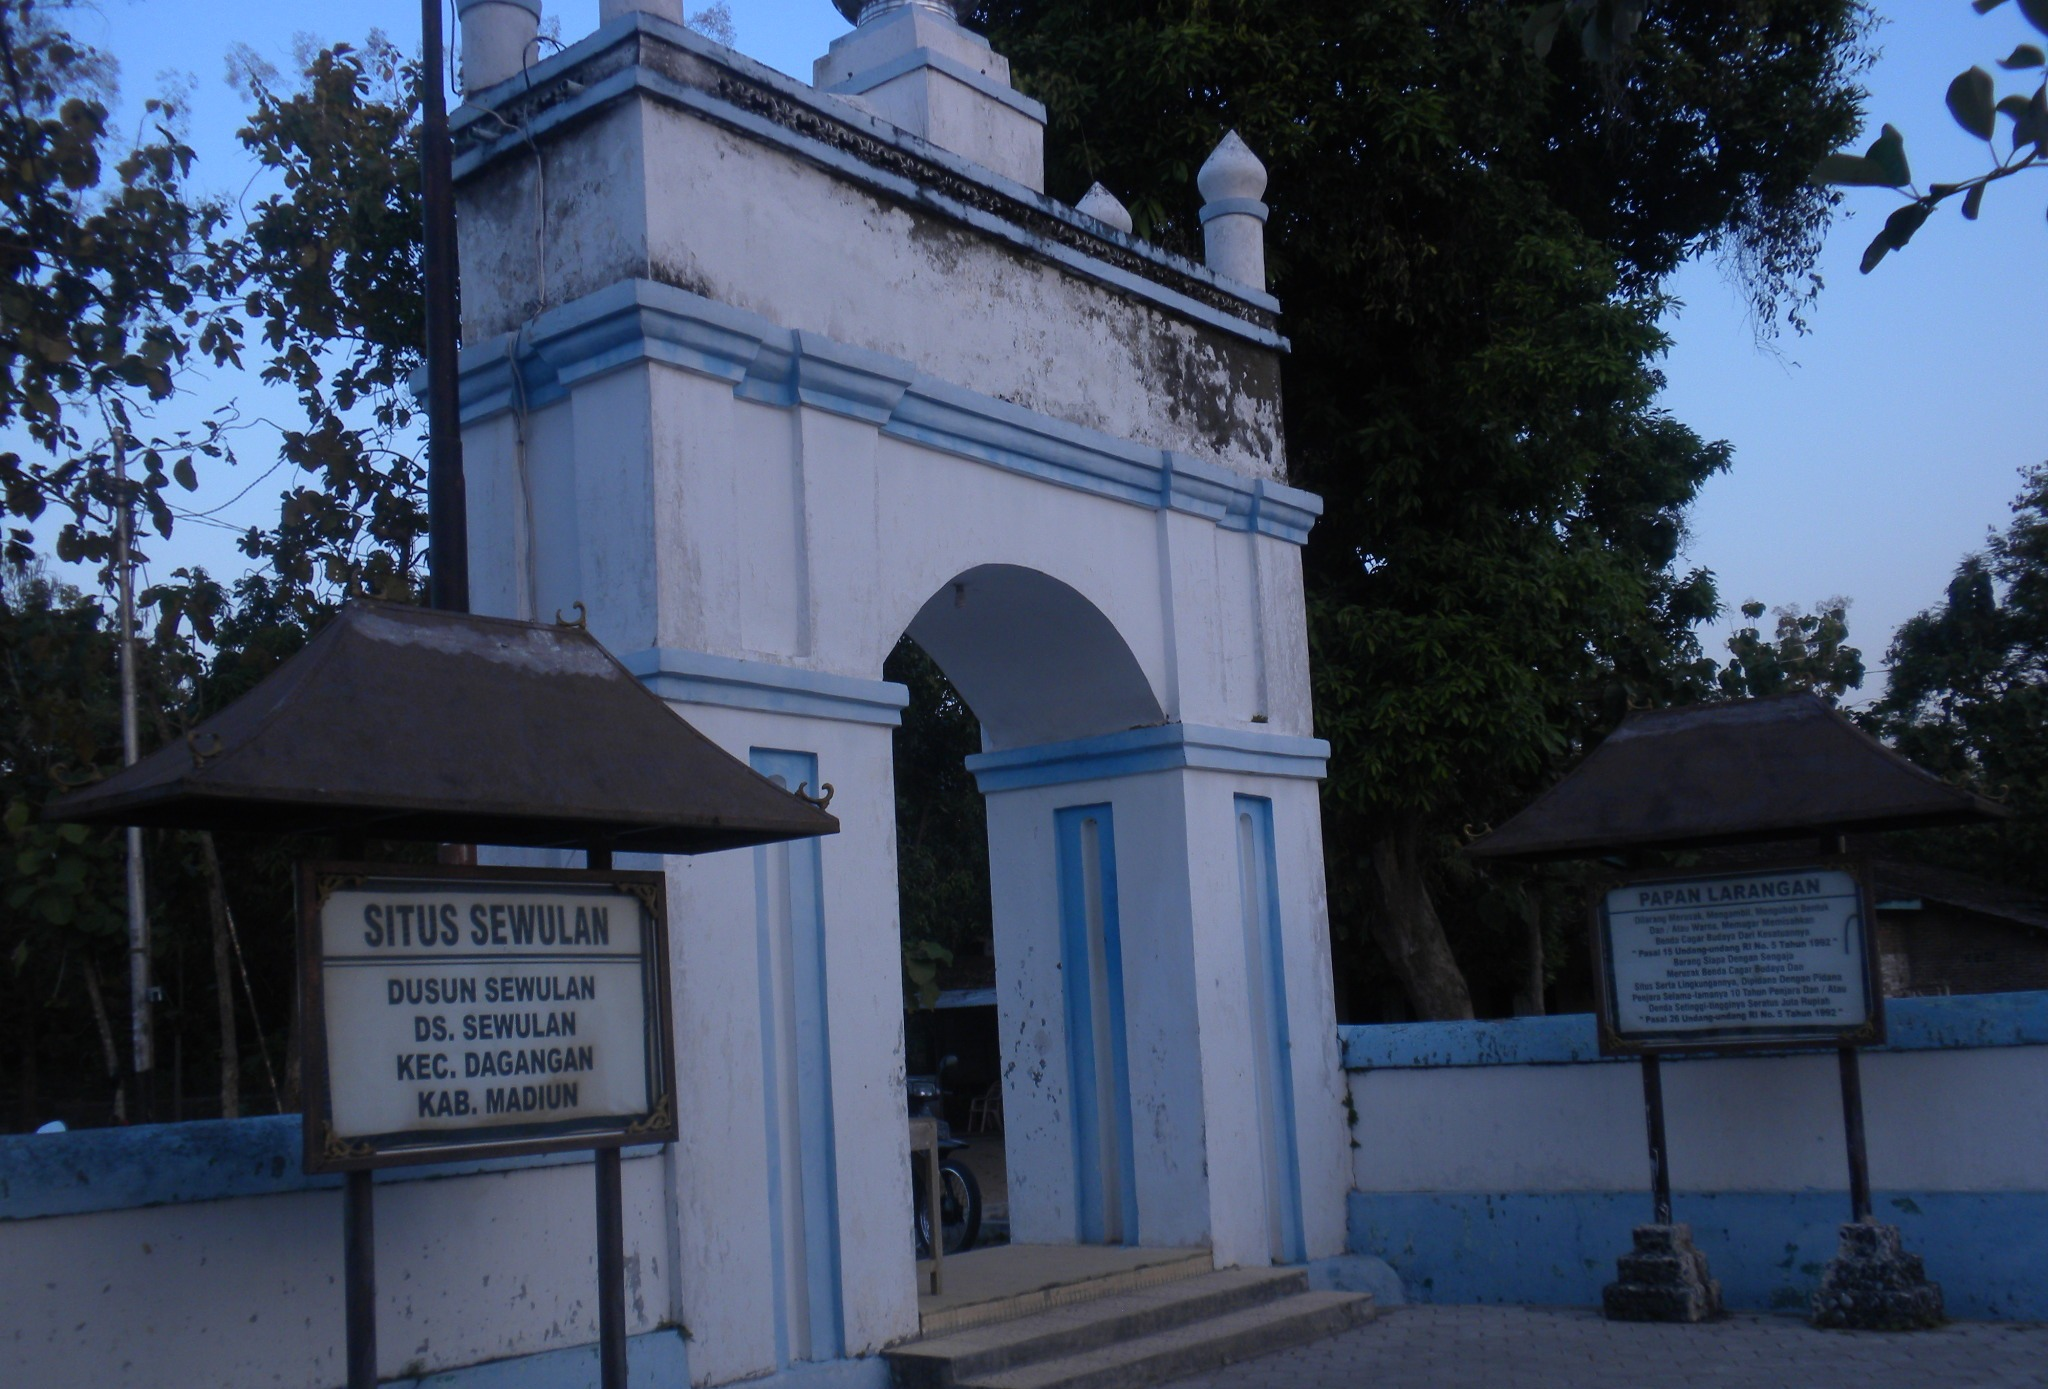 Masjid Sewulan Membaca Rahasia Balik Agung Situs Sinilah Gus Dur